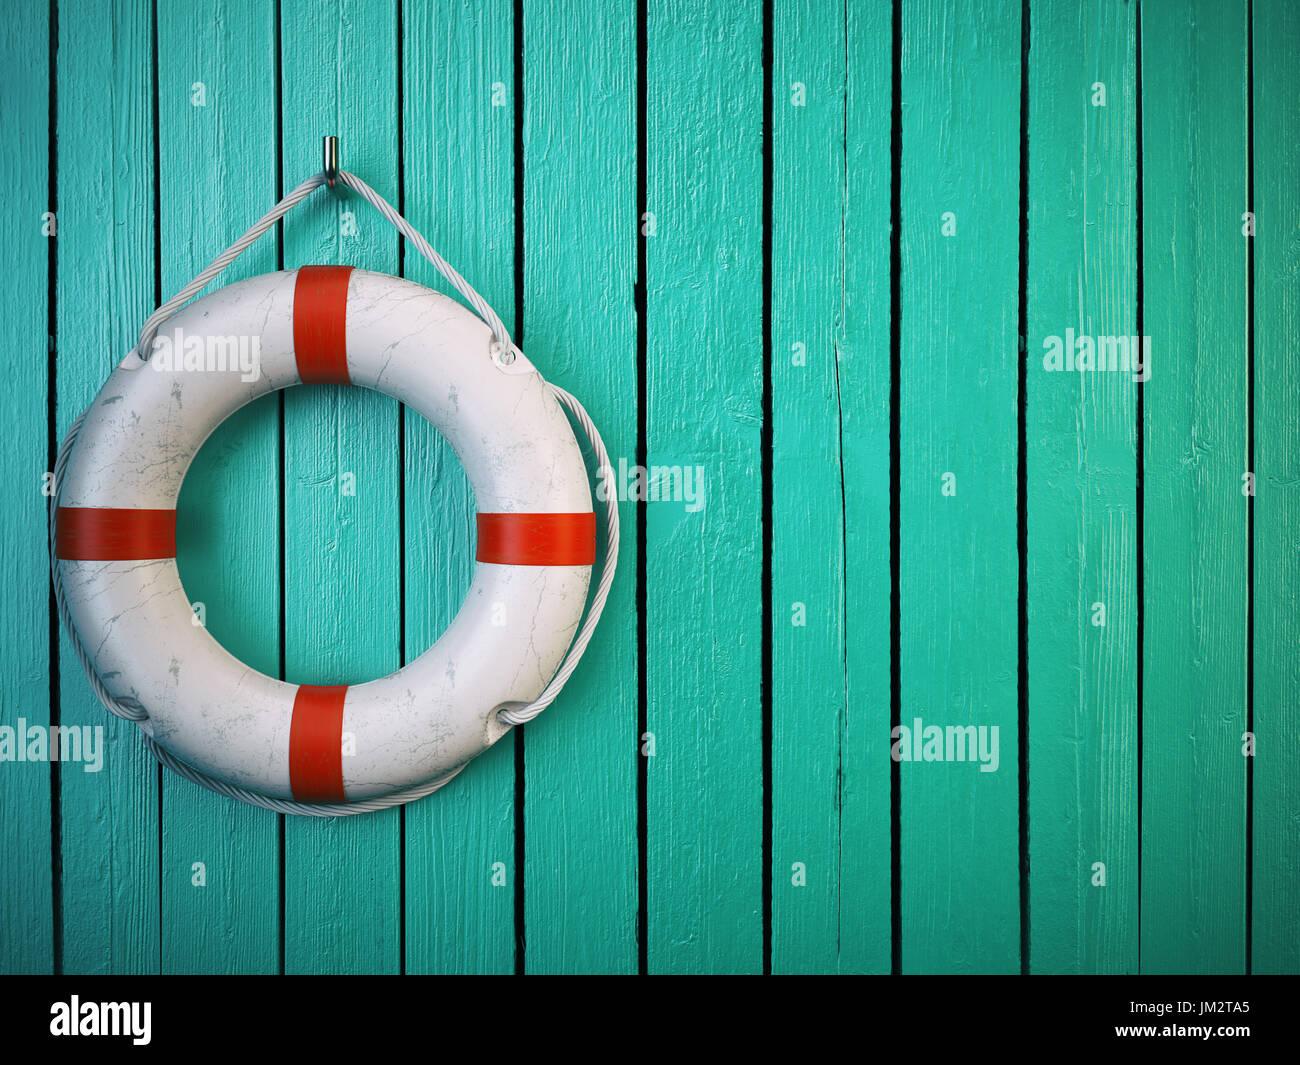 La vita della cinghia o anello di salvataggio sulla parete in legno. La salvezza, la protezione e la sicurezza del Foto Stock